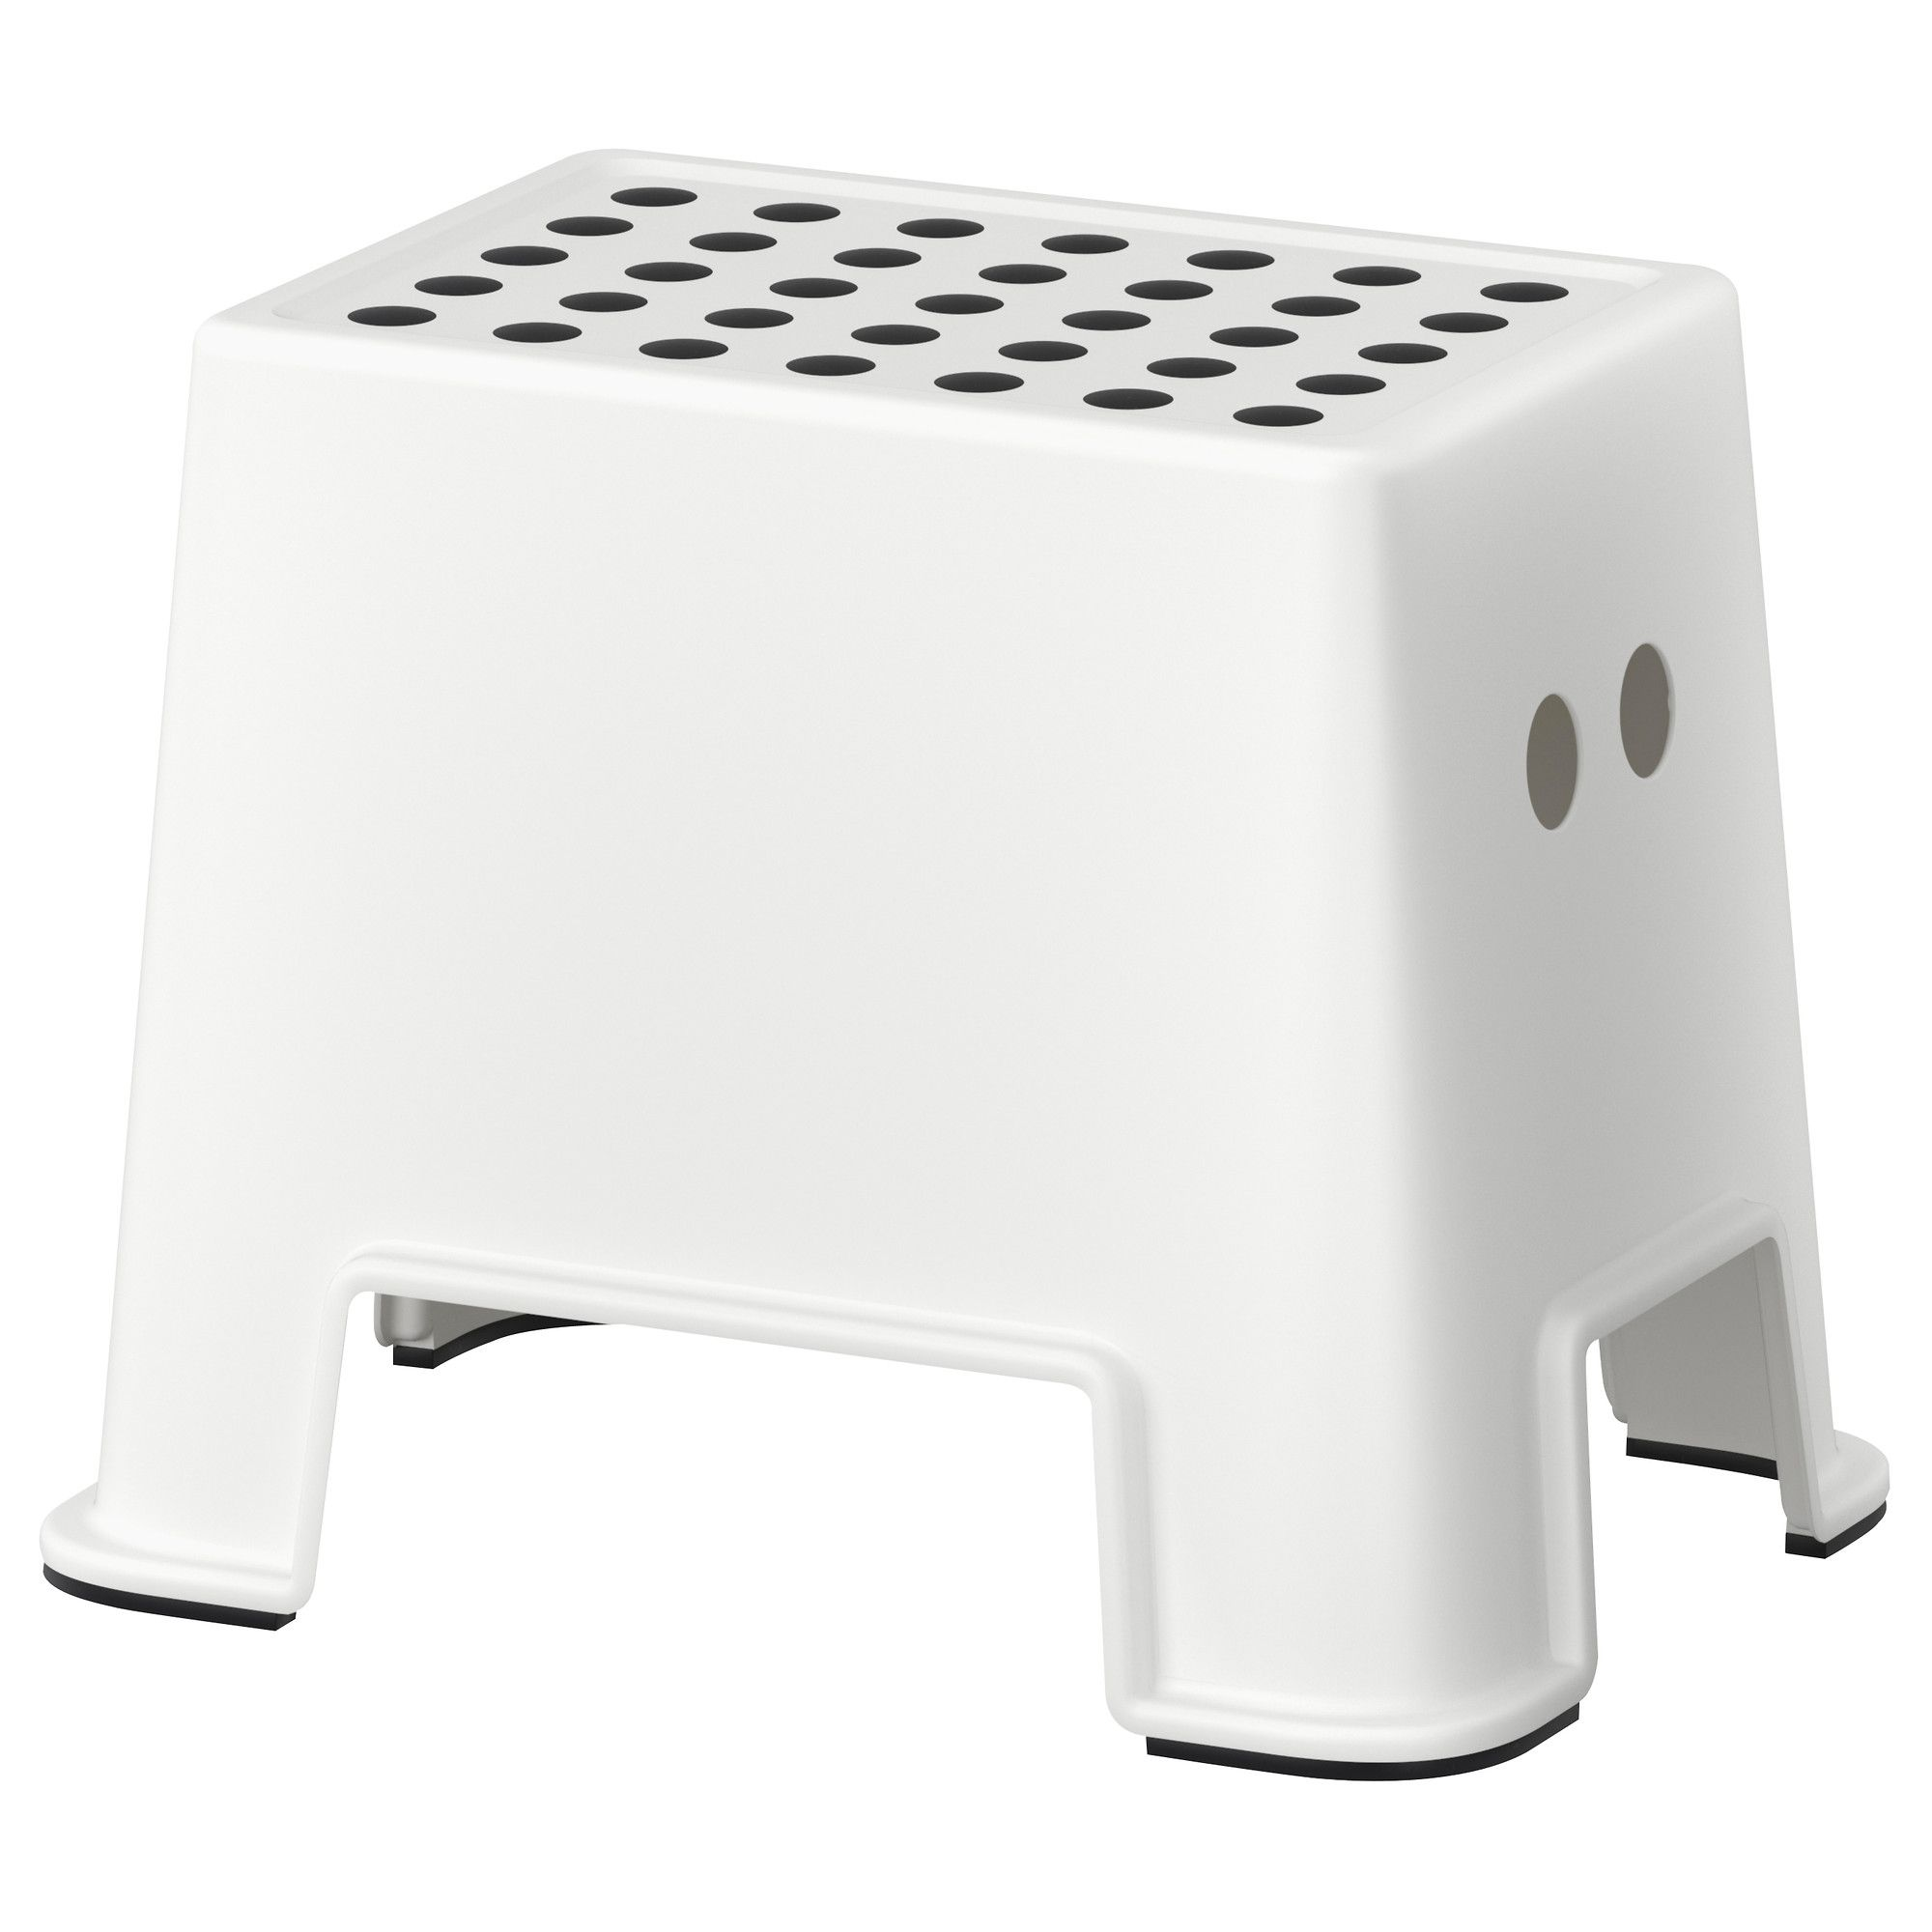 Sgabello Bambini Bagno Ikea mobili e accessori per l'arredamento della casa | Стул